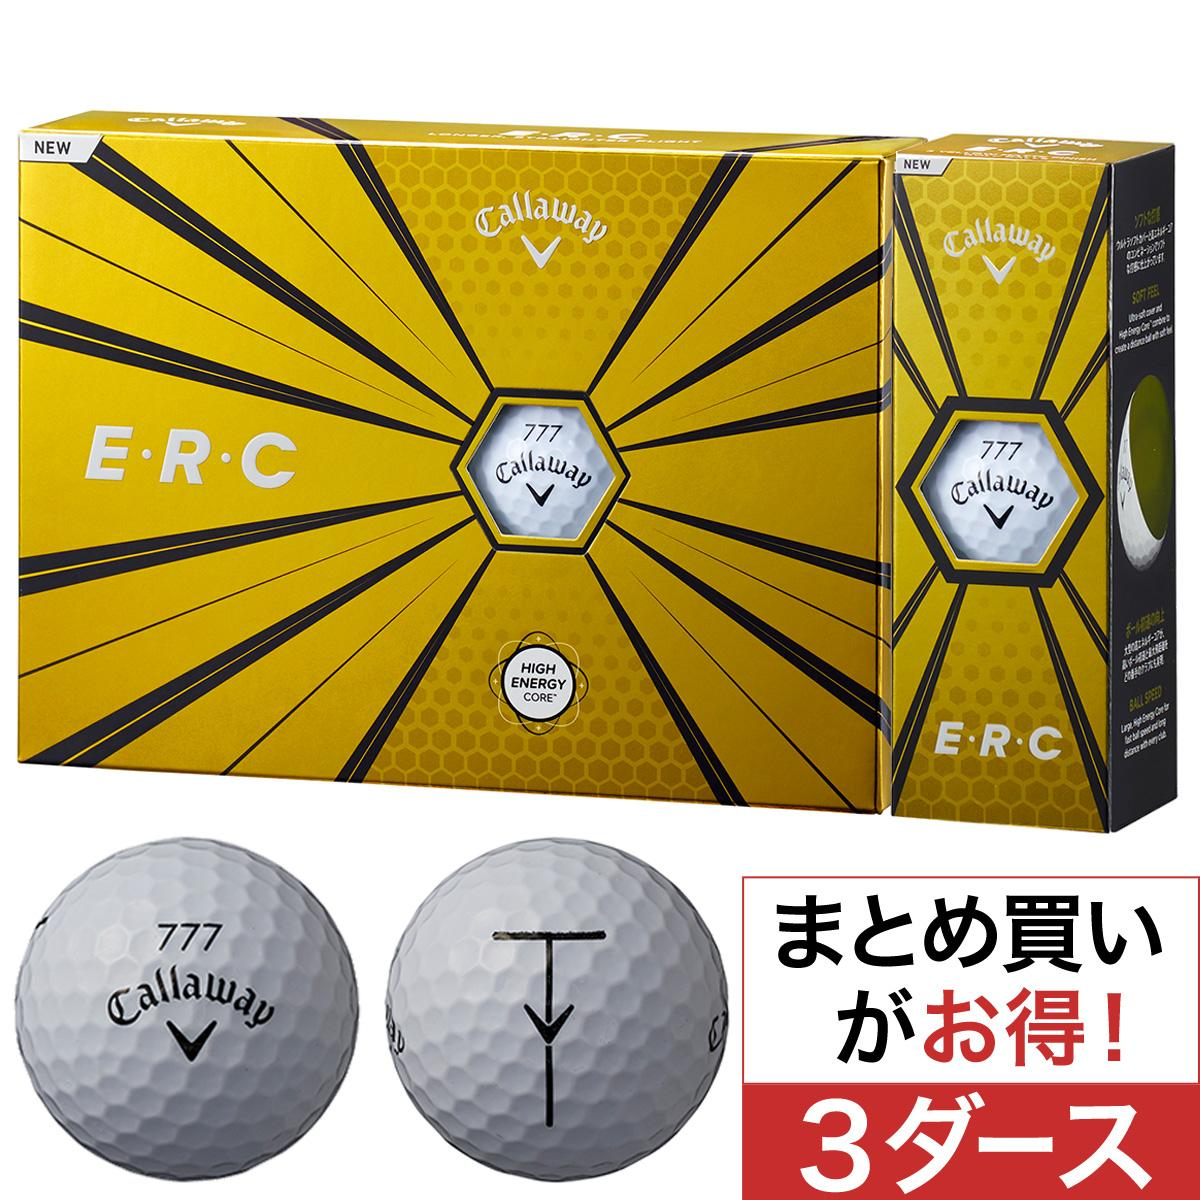 キャロウェイゴルフ E・R・C ERC 19 ボール 3ダースセット